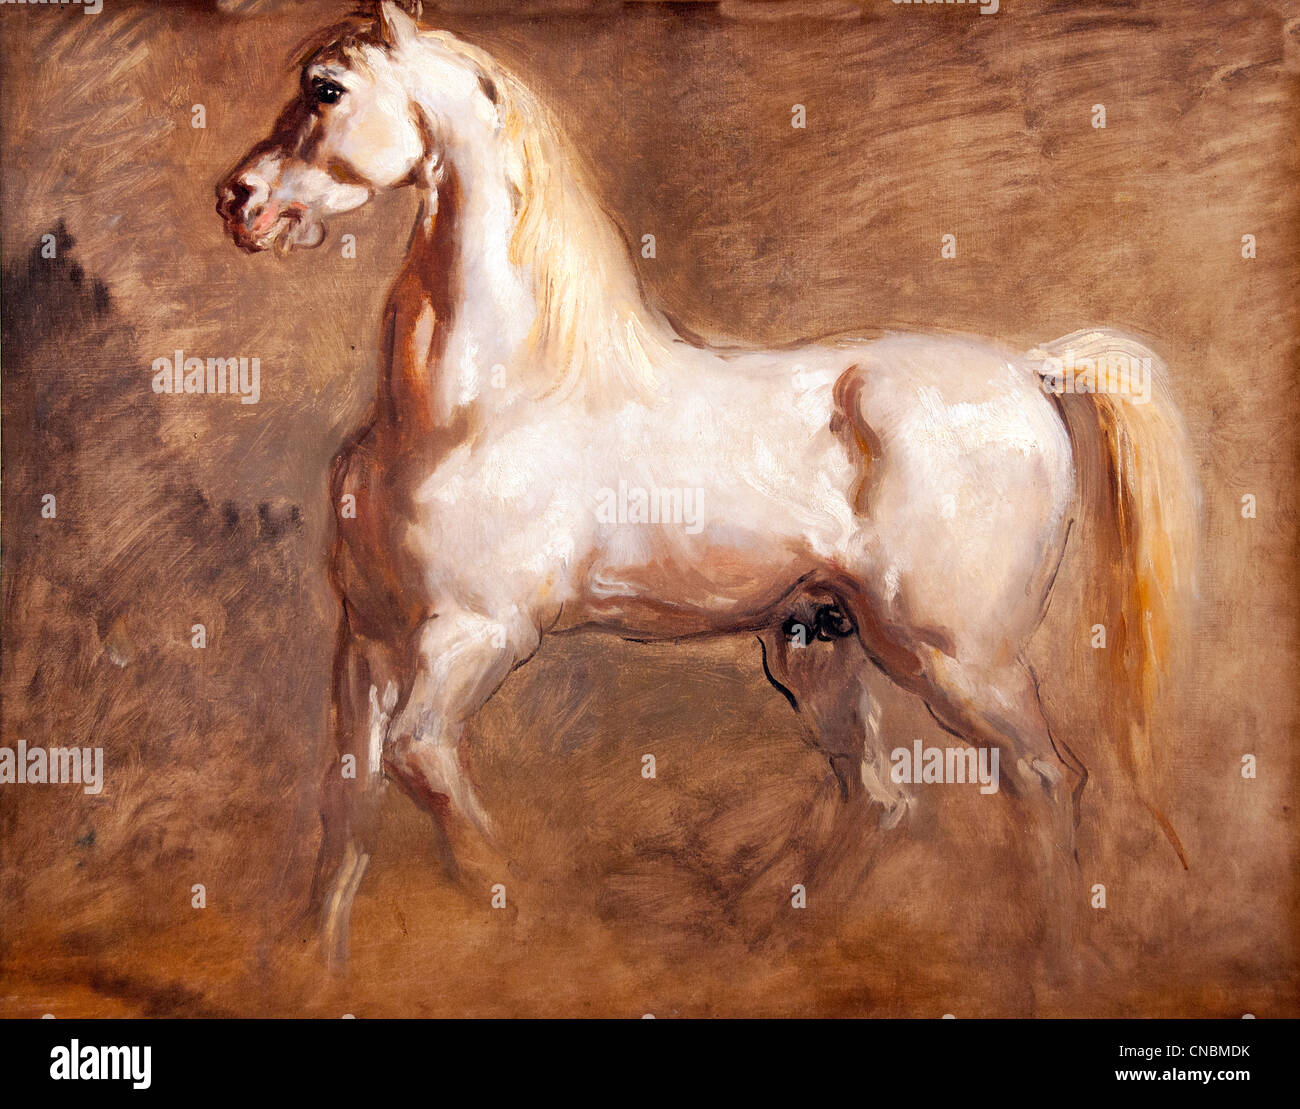 Cheval Blanc de Profil - White Horse in Profil - Theodore Chasseriau 1819-1856 Frankreich Französisch Stockbild